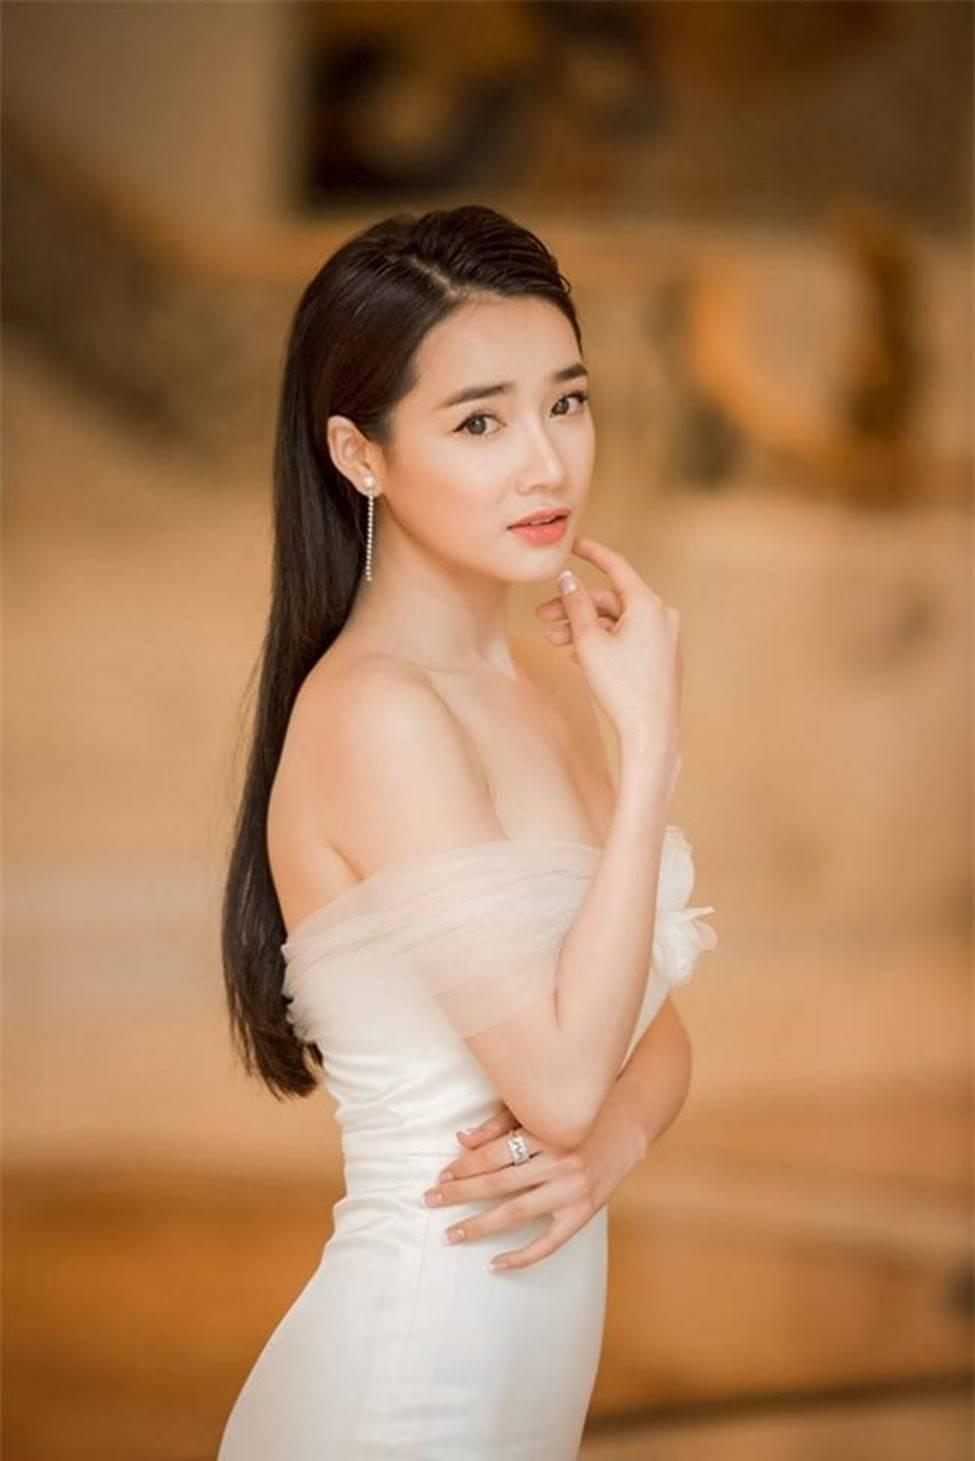 Váy trễ hút ánh nhìn của Chi Pu, Quỳnh búp bê...-16